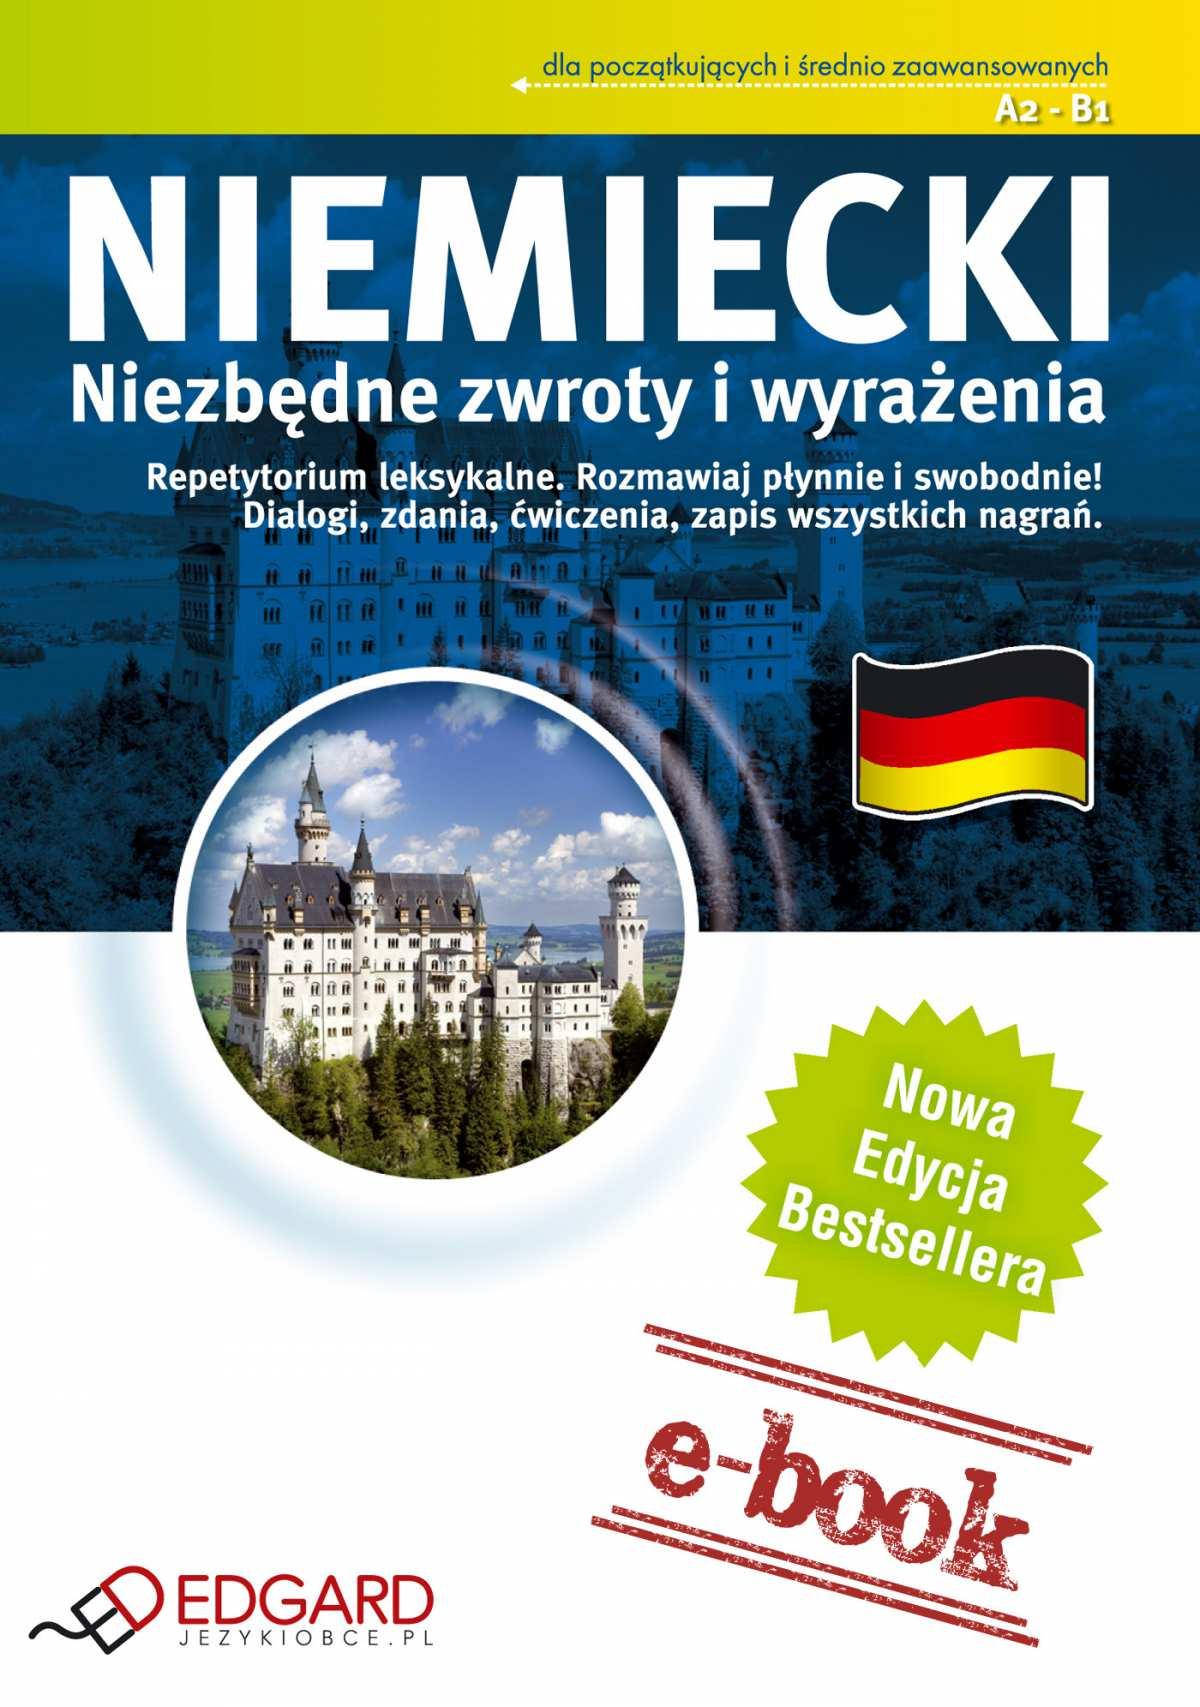 Niemiecki - Niezbędne zwroty i wyrażenia - Ebook (Książka na Kindle) do pobrania w formacie MOBI